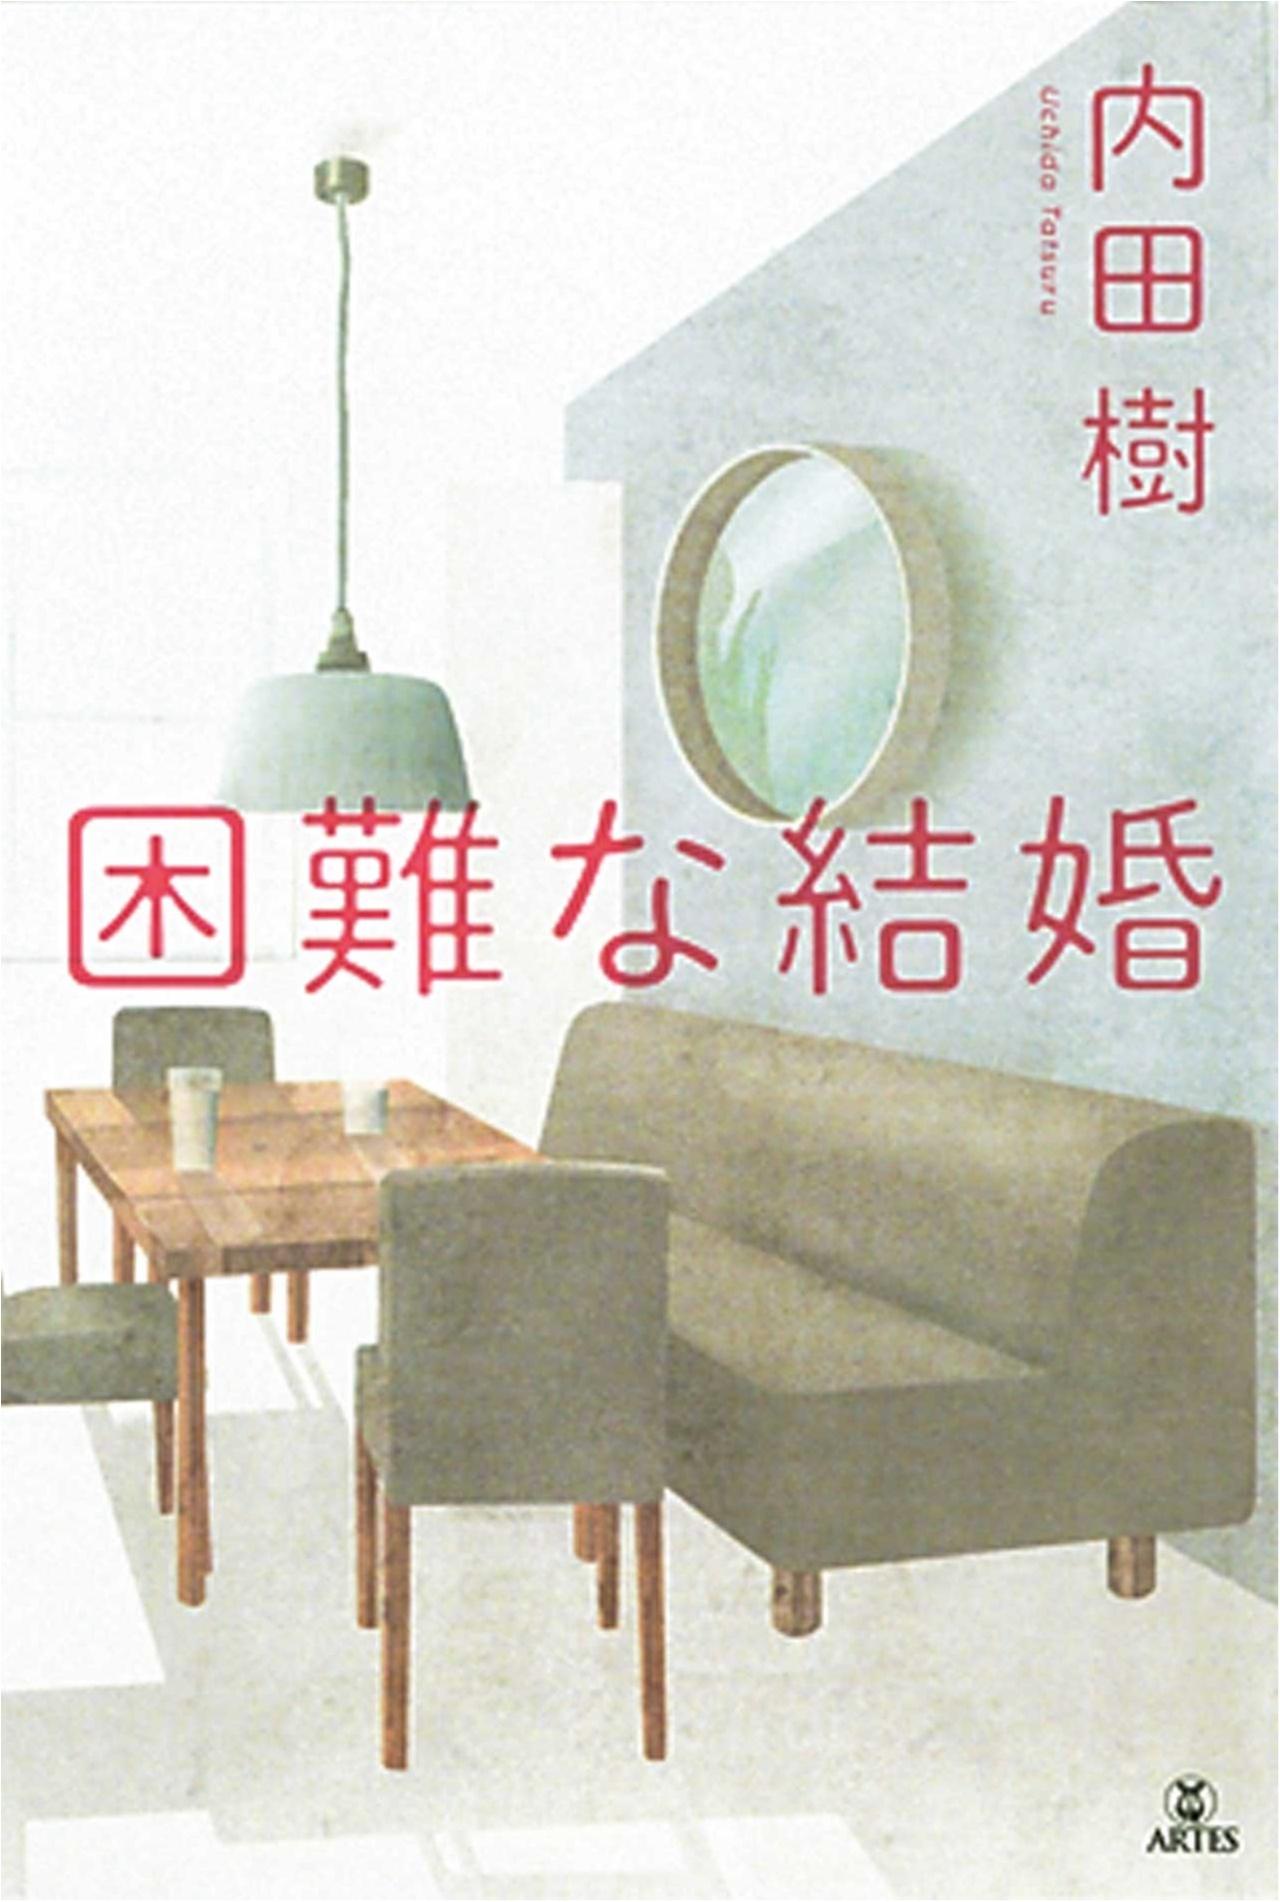 結婚したいなら 読まなくちゃ! 内田樹さんの『困難な結婚』など、今月のオススメ★BOOK_2